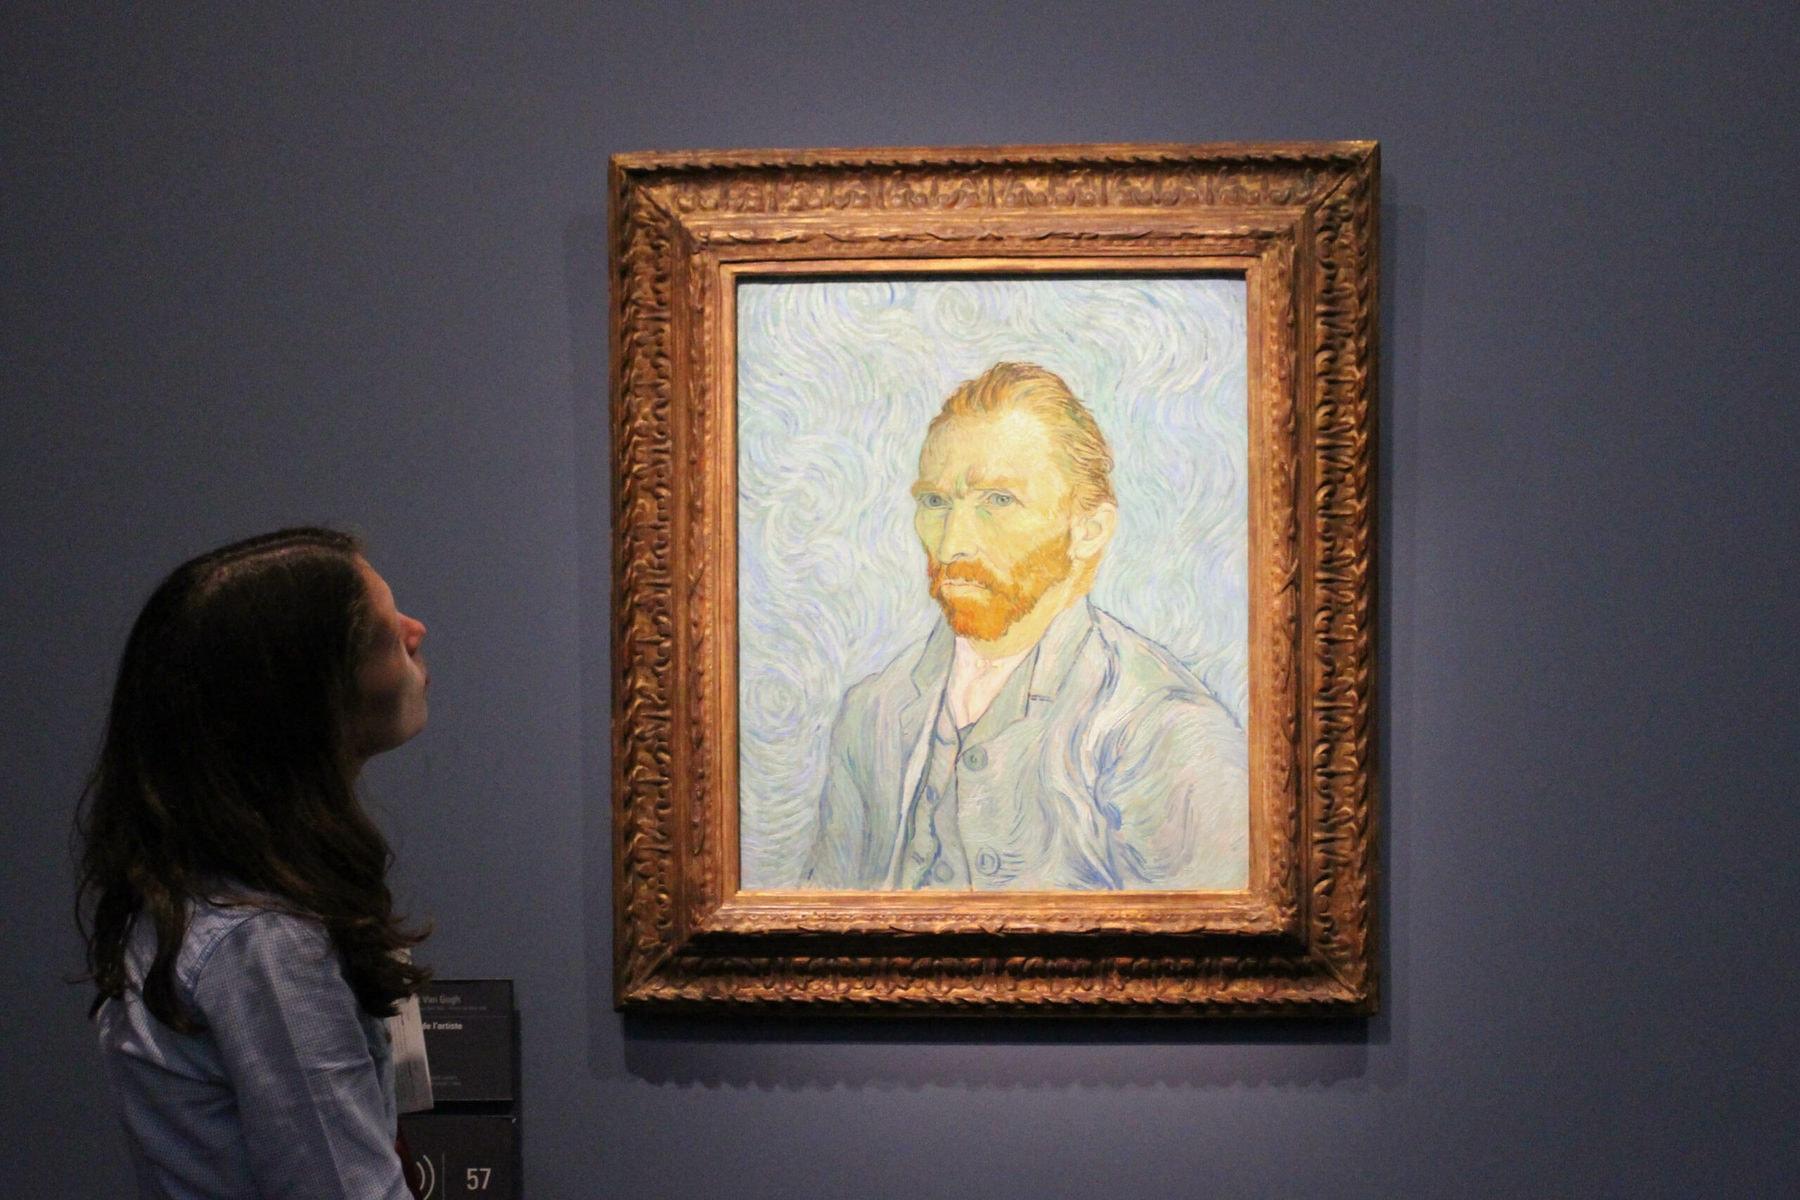 Vincent Van Gogh, Porträt des Künstlers, 1889, Öl auf Leinwand, 65 x 54,2 cm, Musée d'Orsay, Paris